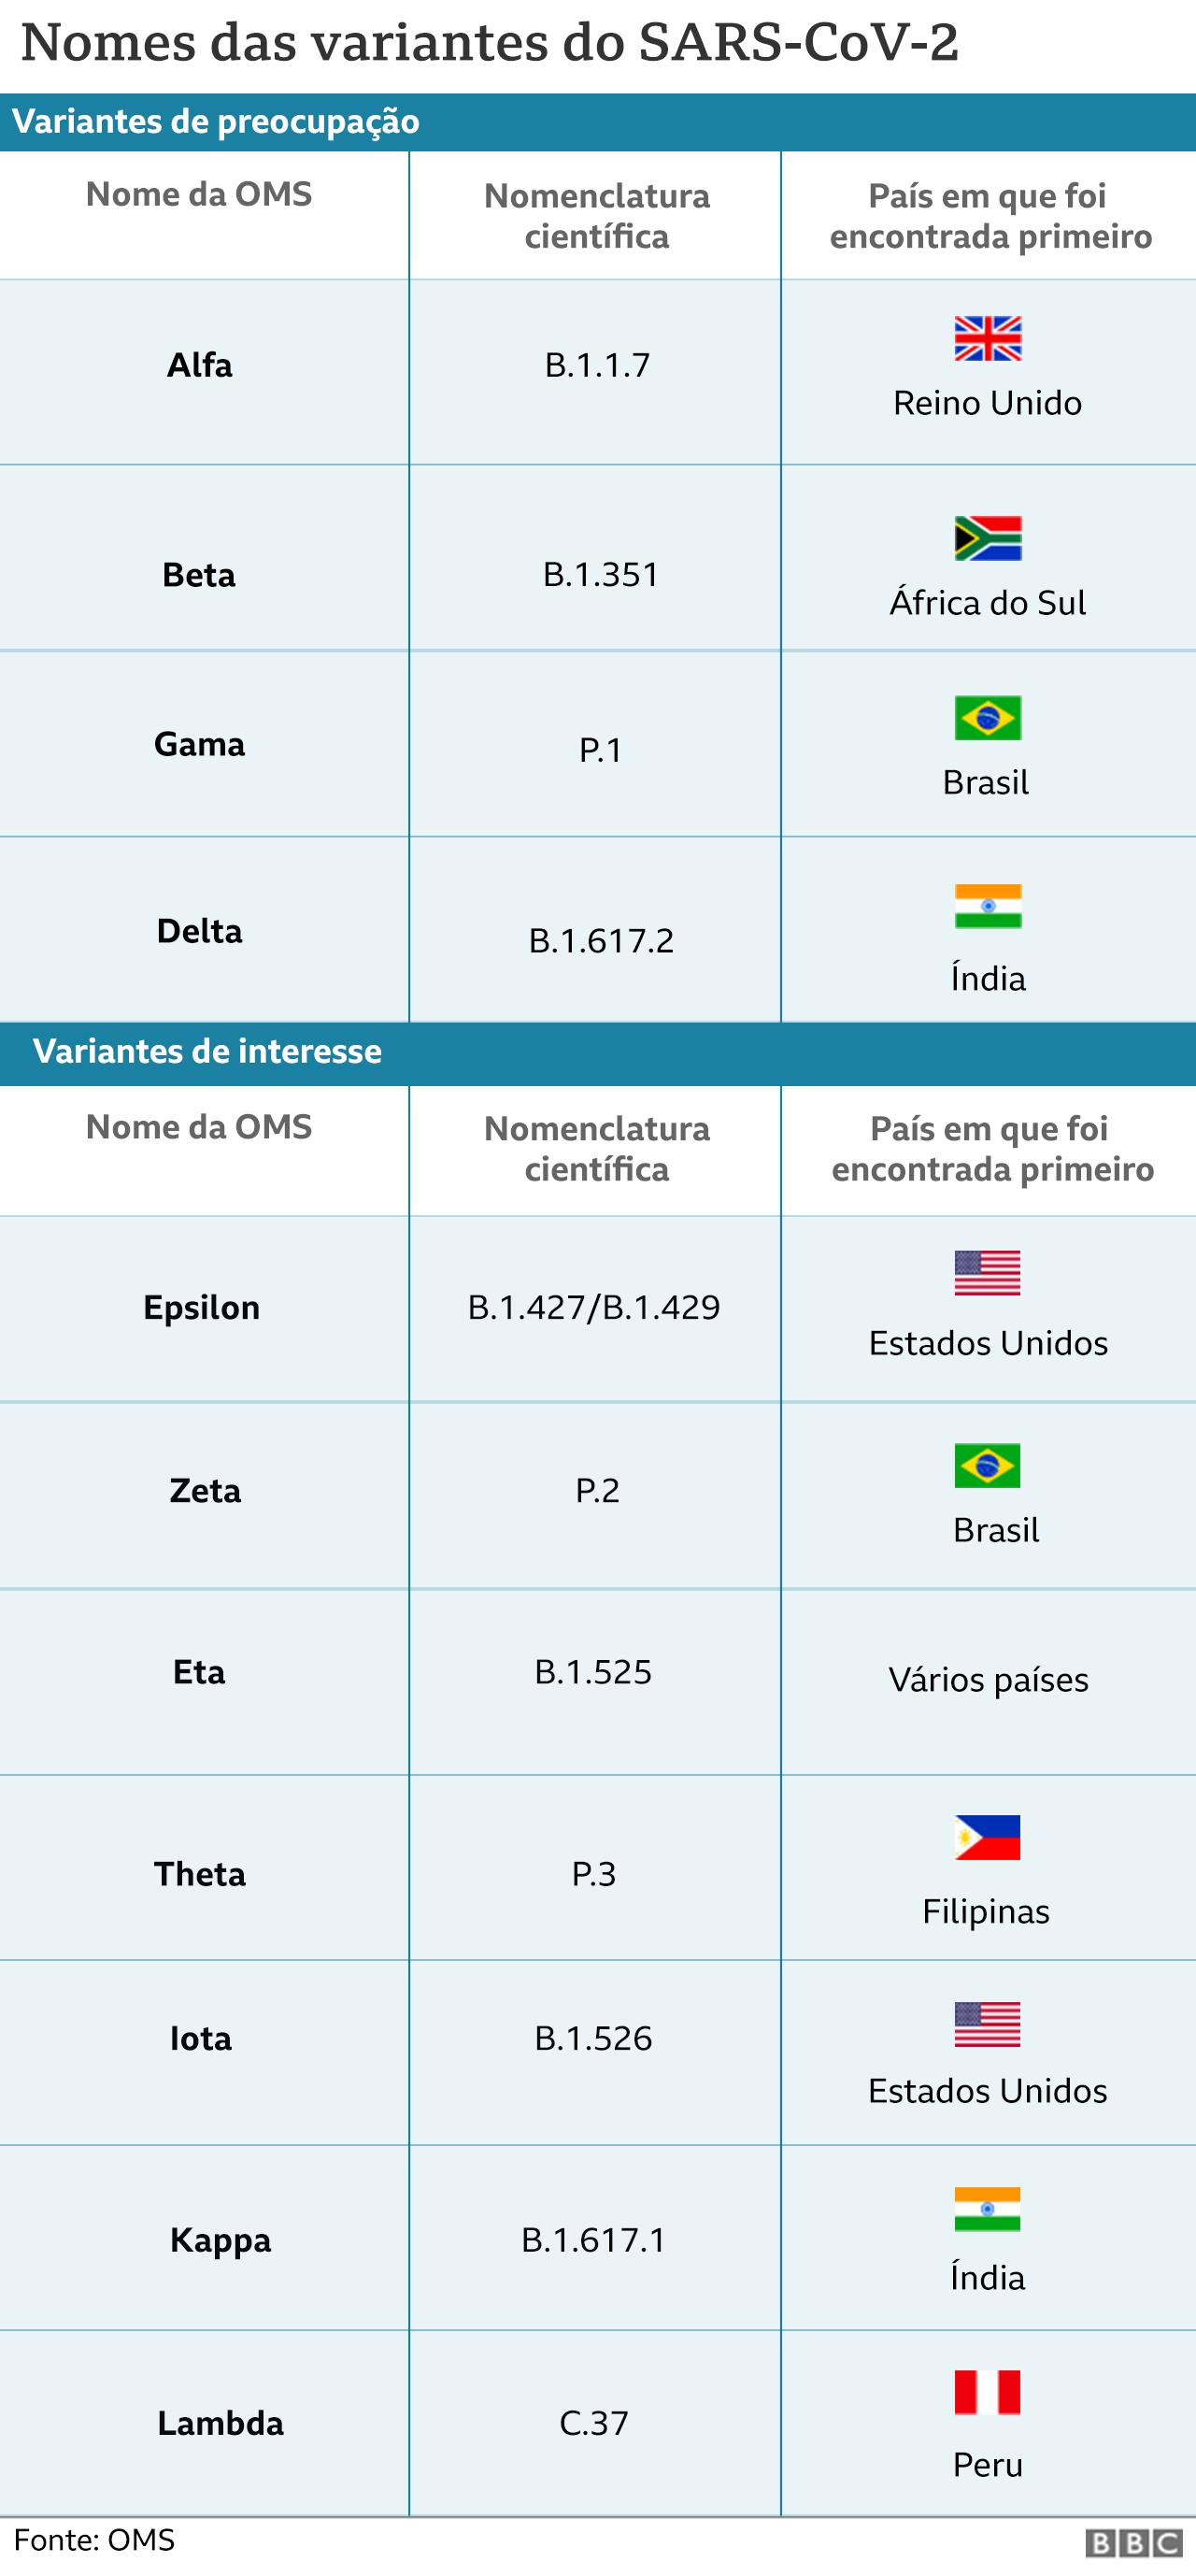 infográfico com nomes das variantes